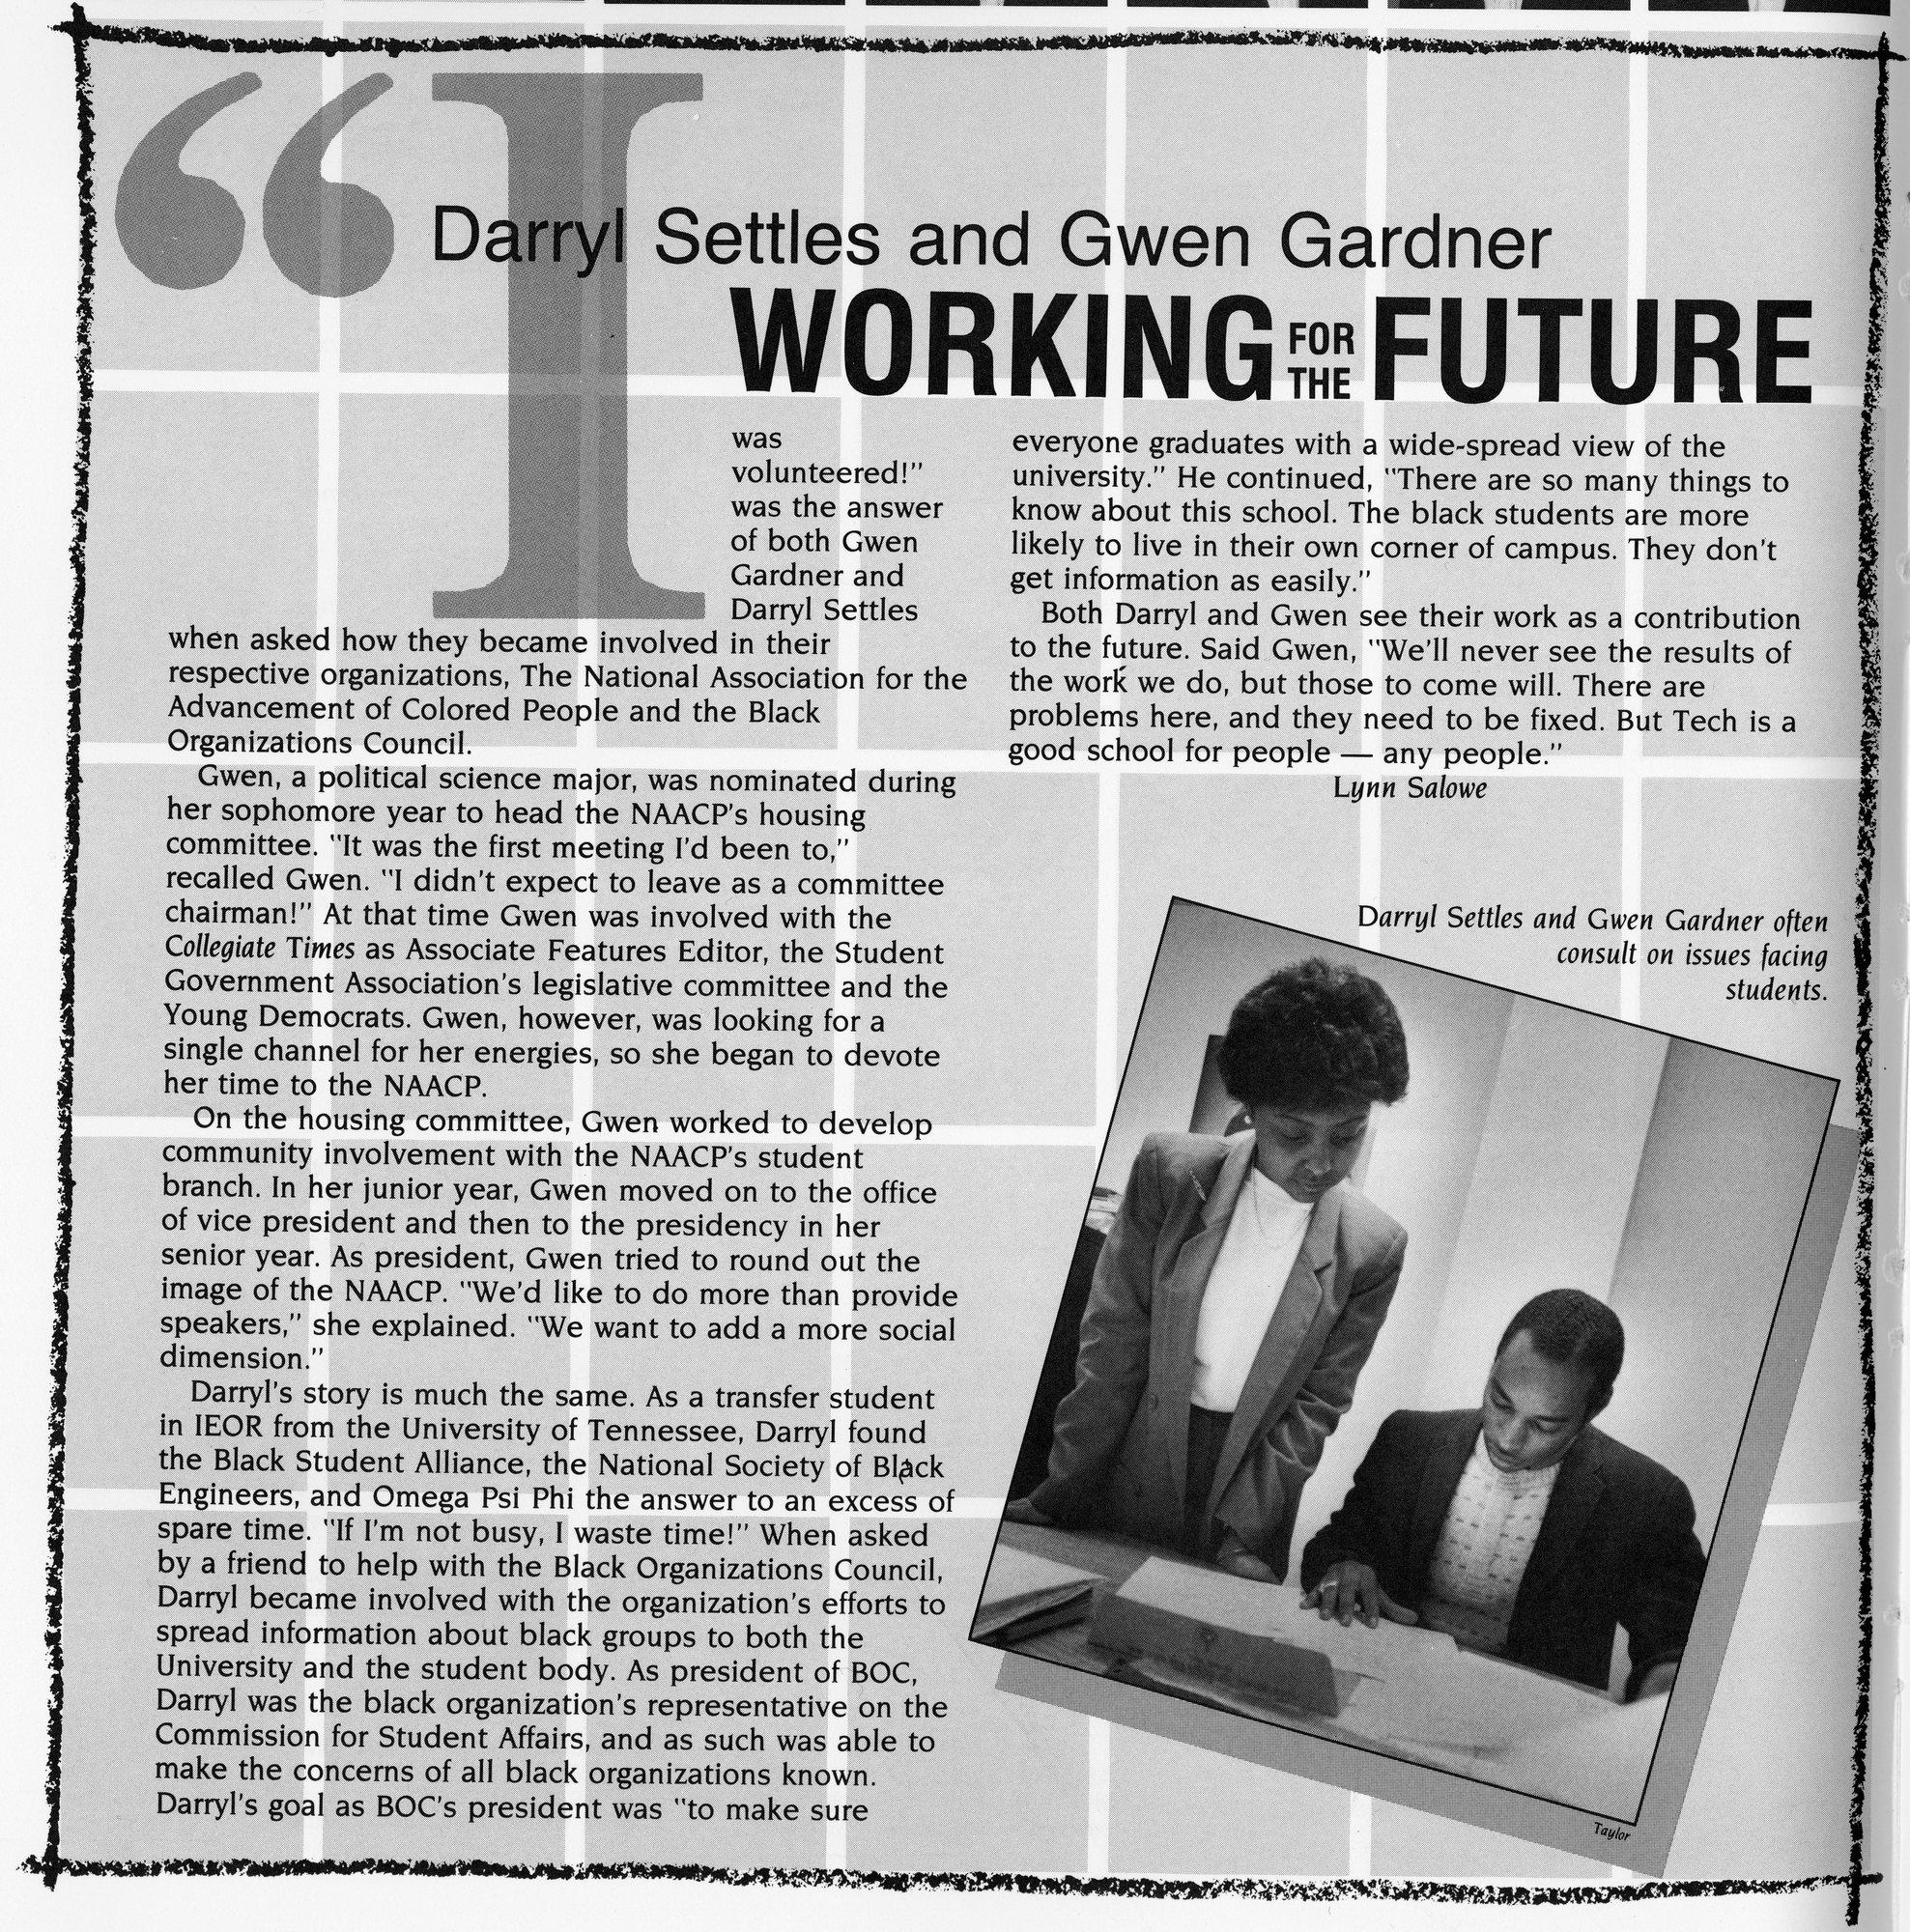 http://spec.lib.vt.edu/pickup/Omeka_upload/SettlesDarryl_GardnerGwen_1984Bugle_pg408.jpg